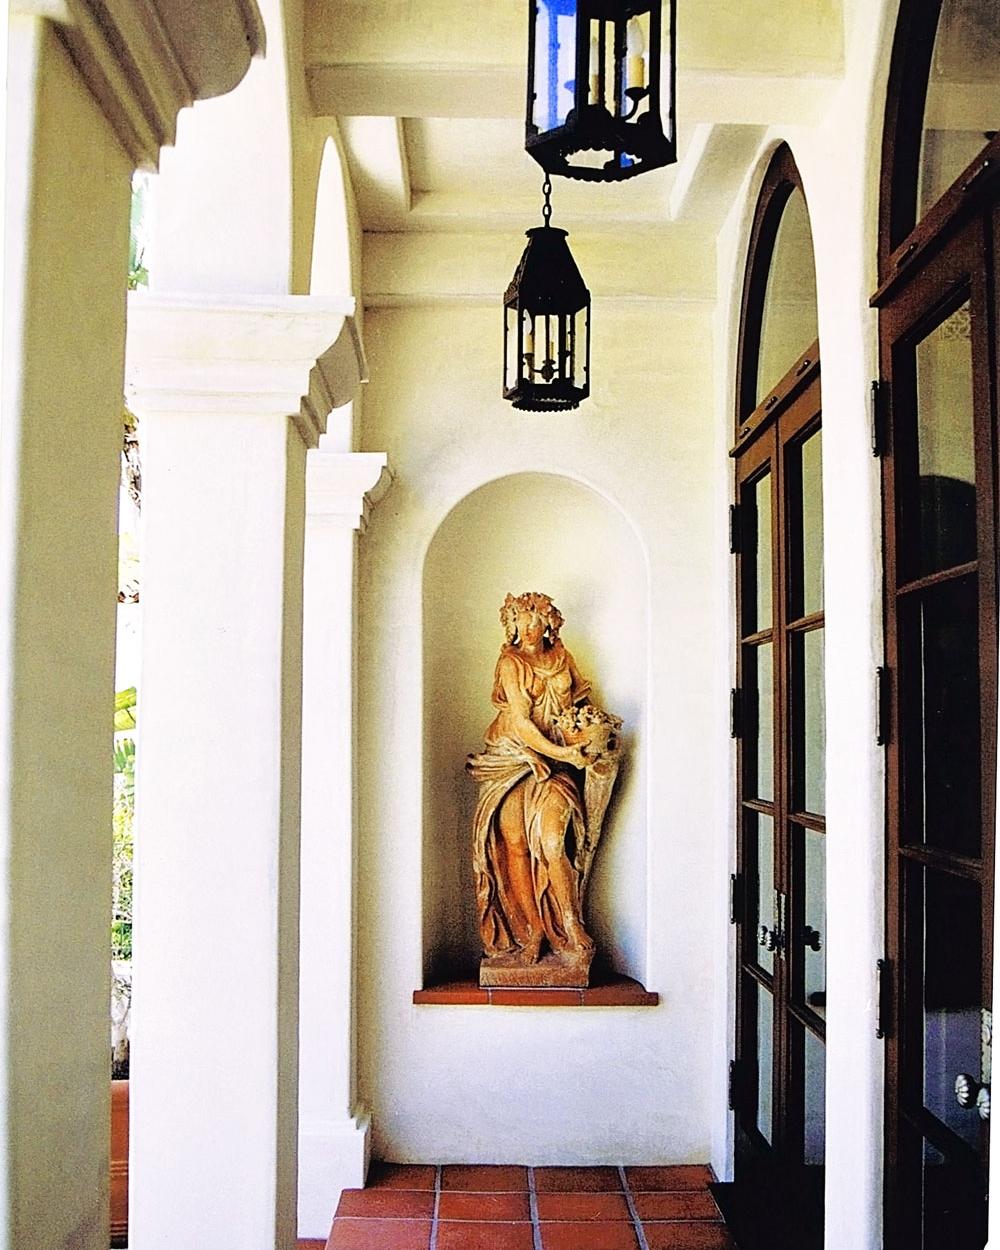 2-statue-arches-backdoor-exterior-dee-carawan.jpg